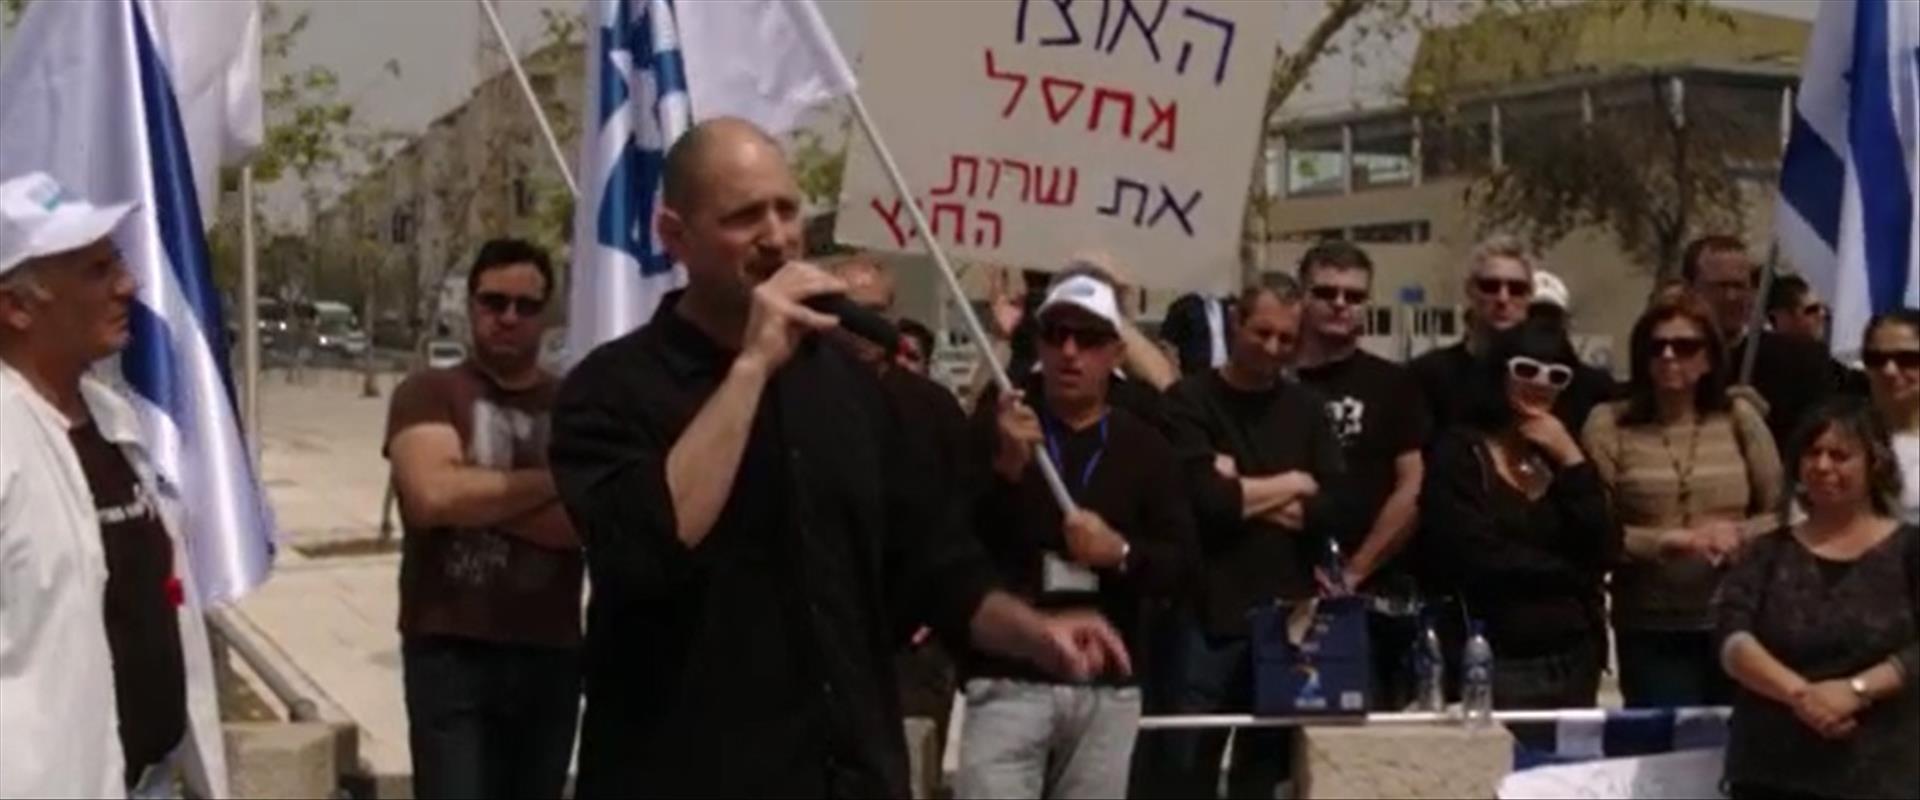 מחאת עובדי משרד החוץ